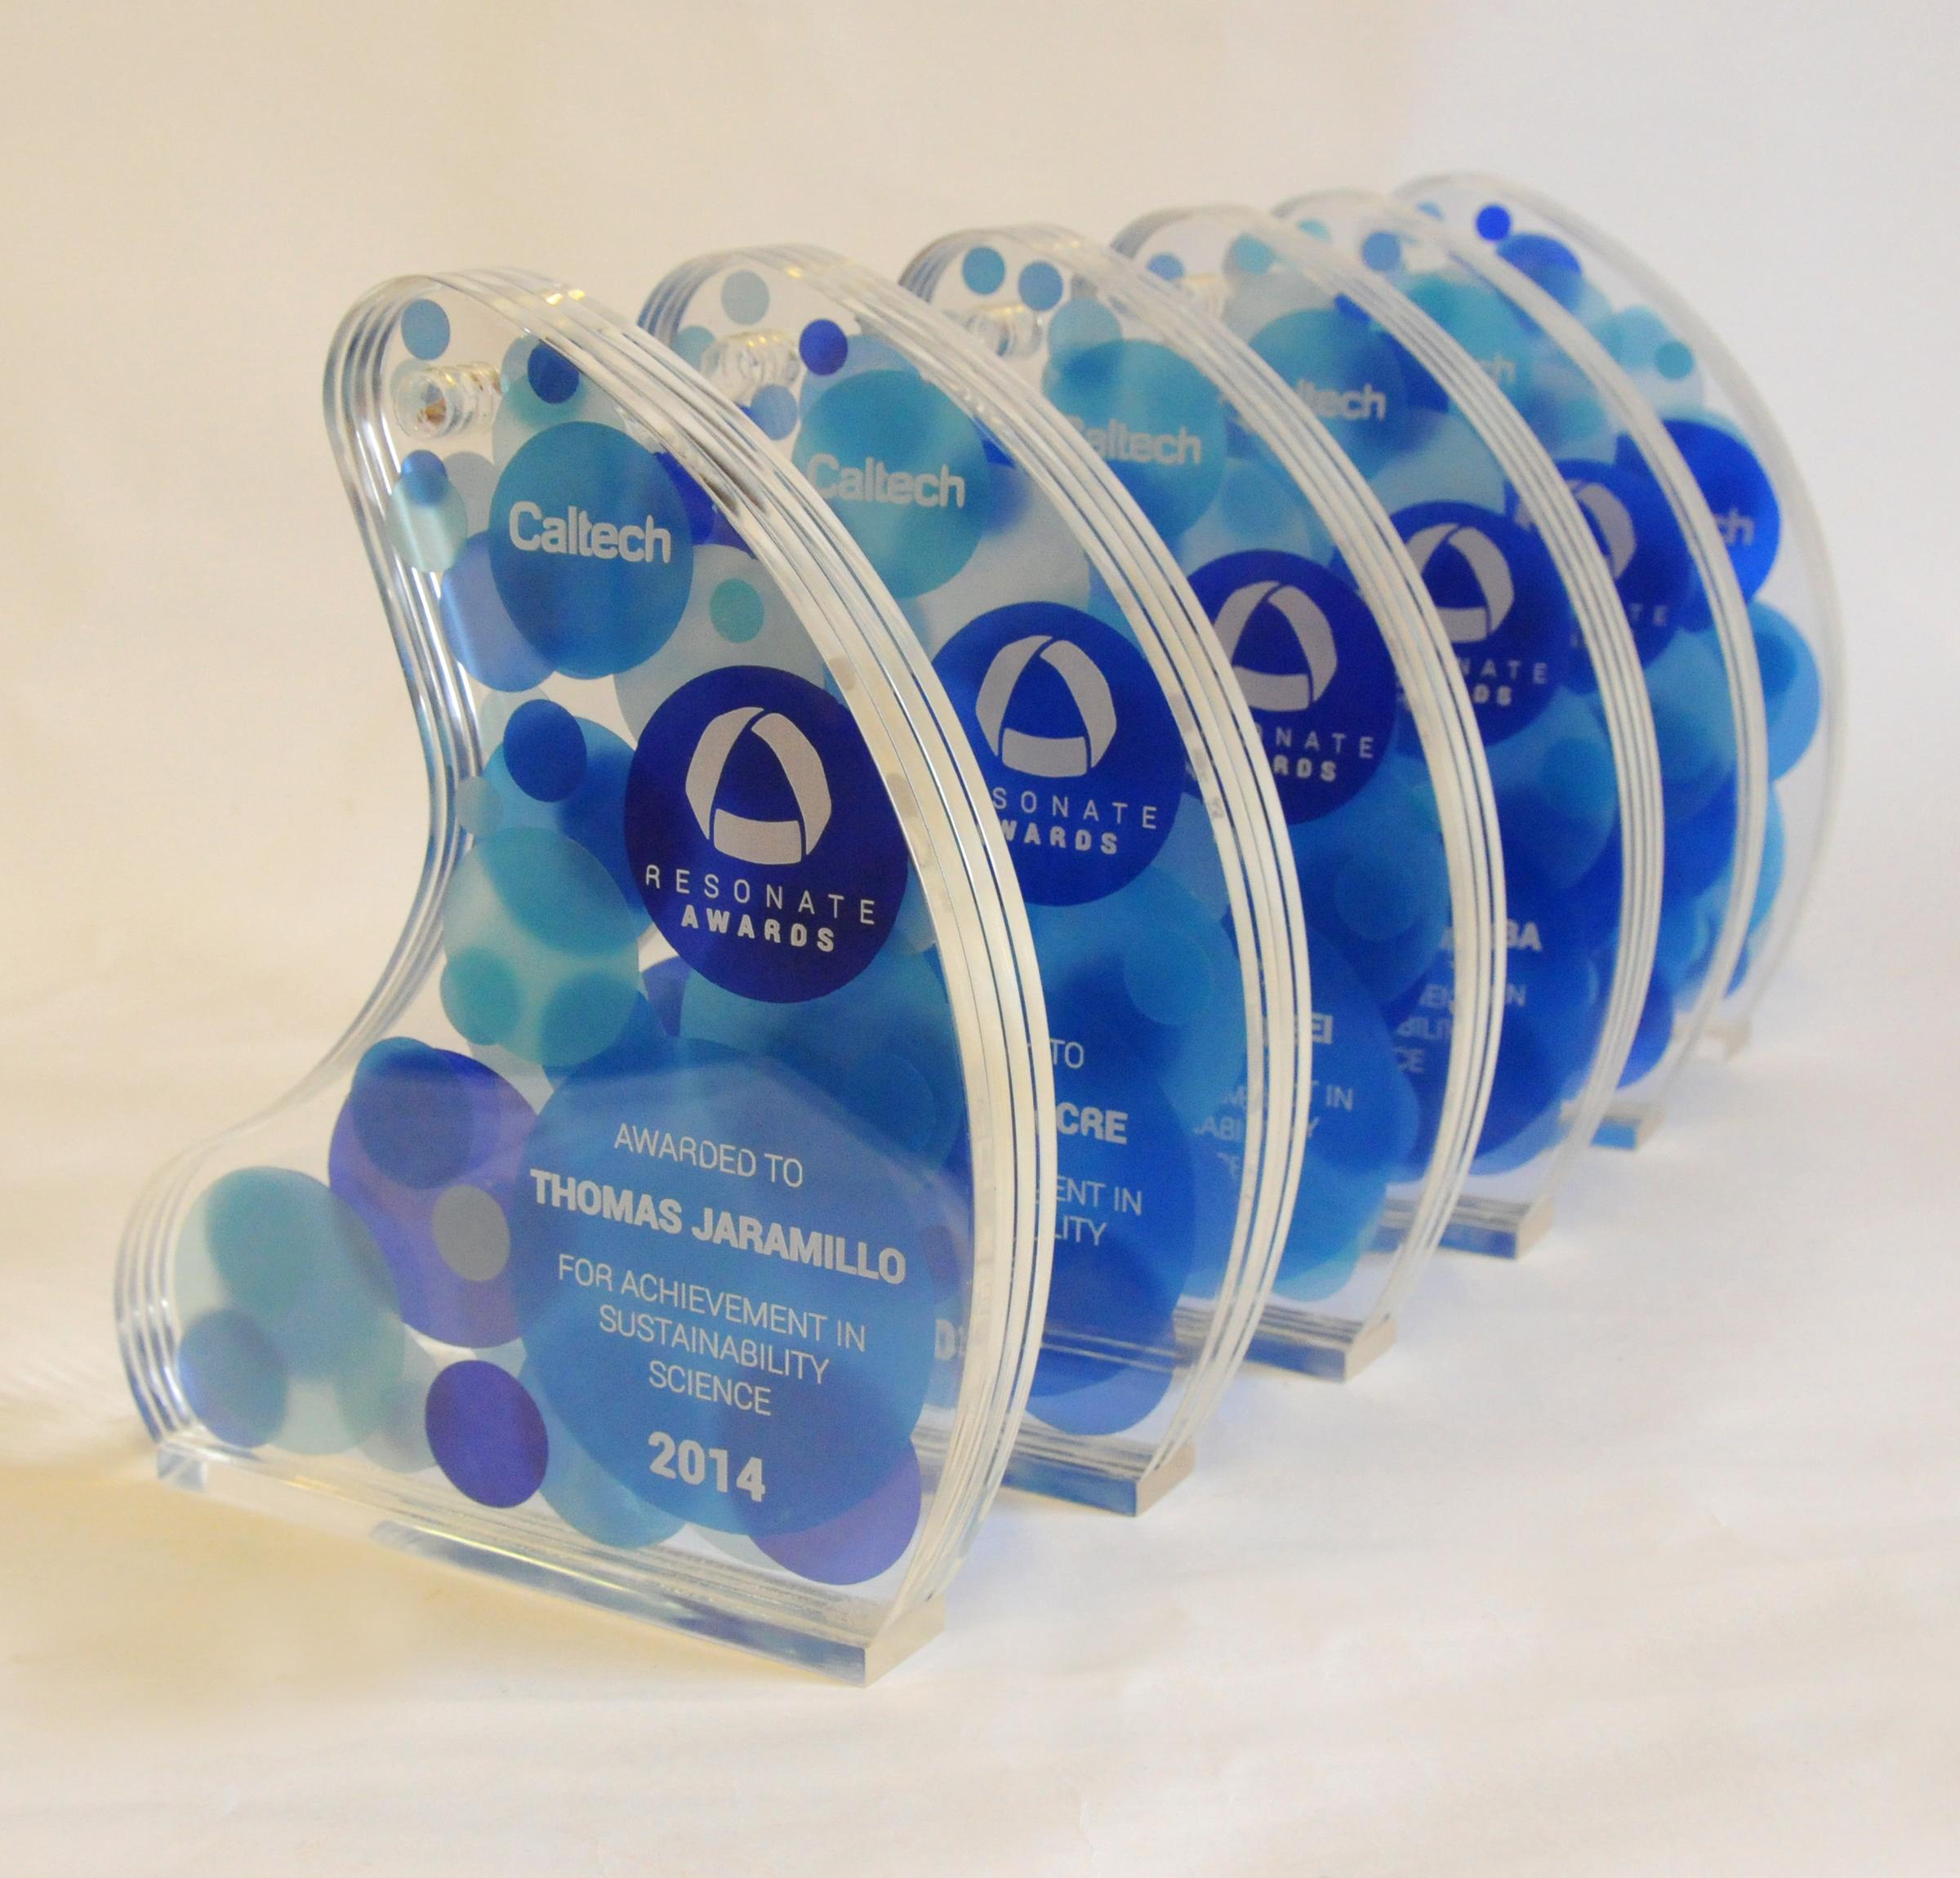 Caltech Award Trophies 2014 - 2018